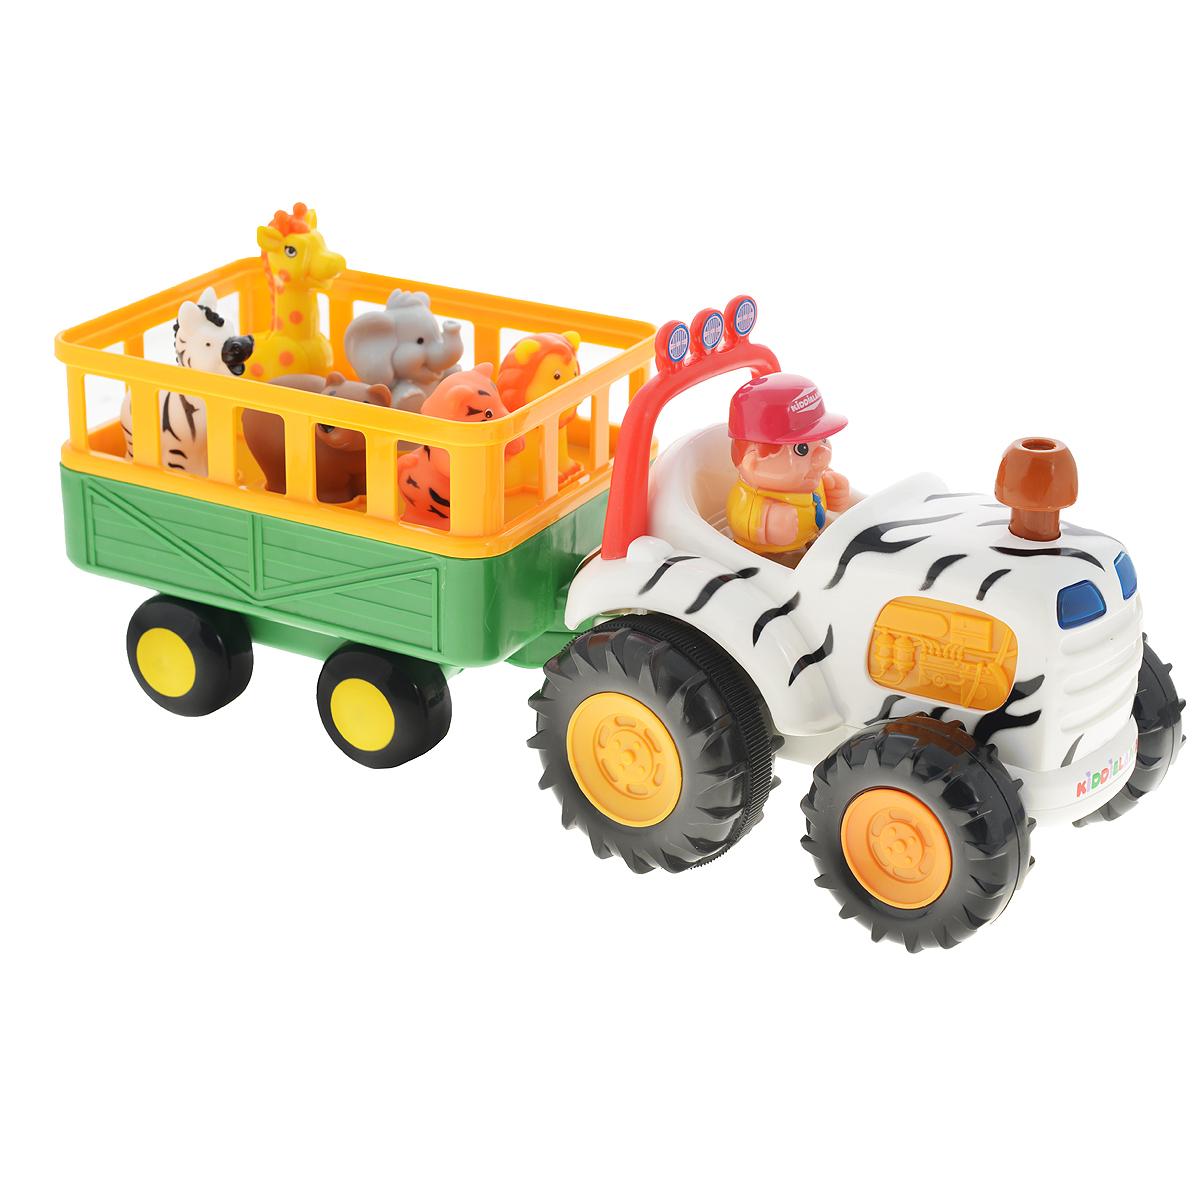 """Яркая музыкальная игрушка на колесах Kiddieland """"Сафари"""", озвученная на русском языке, развлечет малыша мигающими огоньками, приятной музыкой и забавными звуками. При нажатии на трубу трактор едет вперед, при этом звучат реалистичные звуки мотора, тормозов или веселые стишки. В прицепе трактора находятся 5 фигурок диких животных. Фигурки необходимо правильно расставить по своим местам, тогда при нажатии они издают соответствующие реалистичные звуки, читают стишки, а водитель поет песенку. Фигурки зверей (тигр, лев, слон, жираф, зебра, медведь) и водителя легко снимаются, и малыш может играть с ними отдельно. Отправляйтесь в веселую и познавательную поездку! Упаковка презентационно-открытая. Питание: 4 батареи АА (входят в комплект). Размер игрушки: 37 х 13,5 х 17,5 см."""